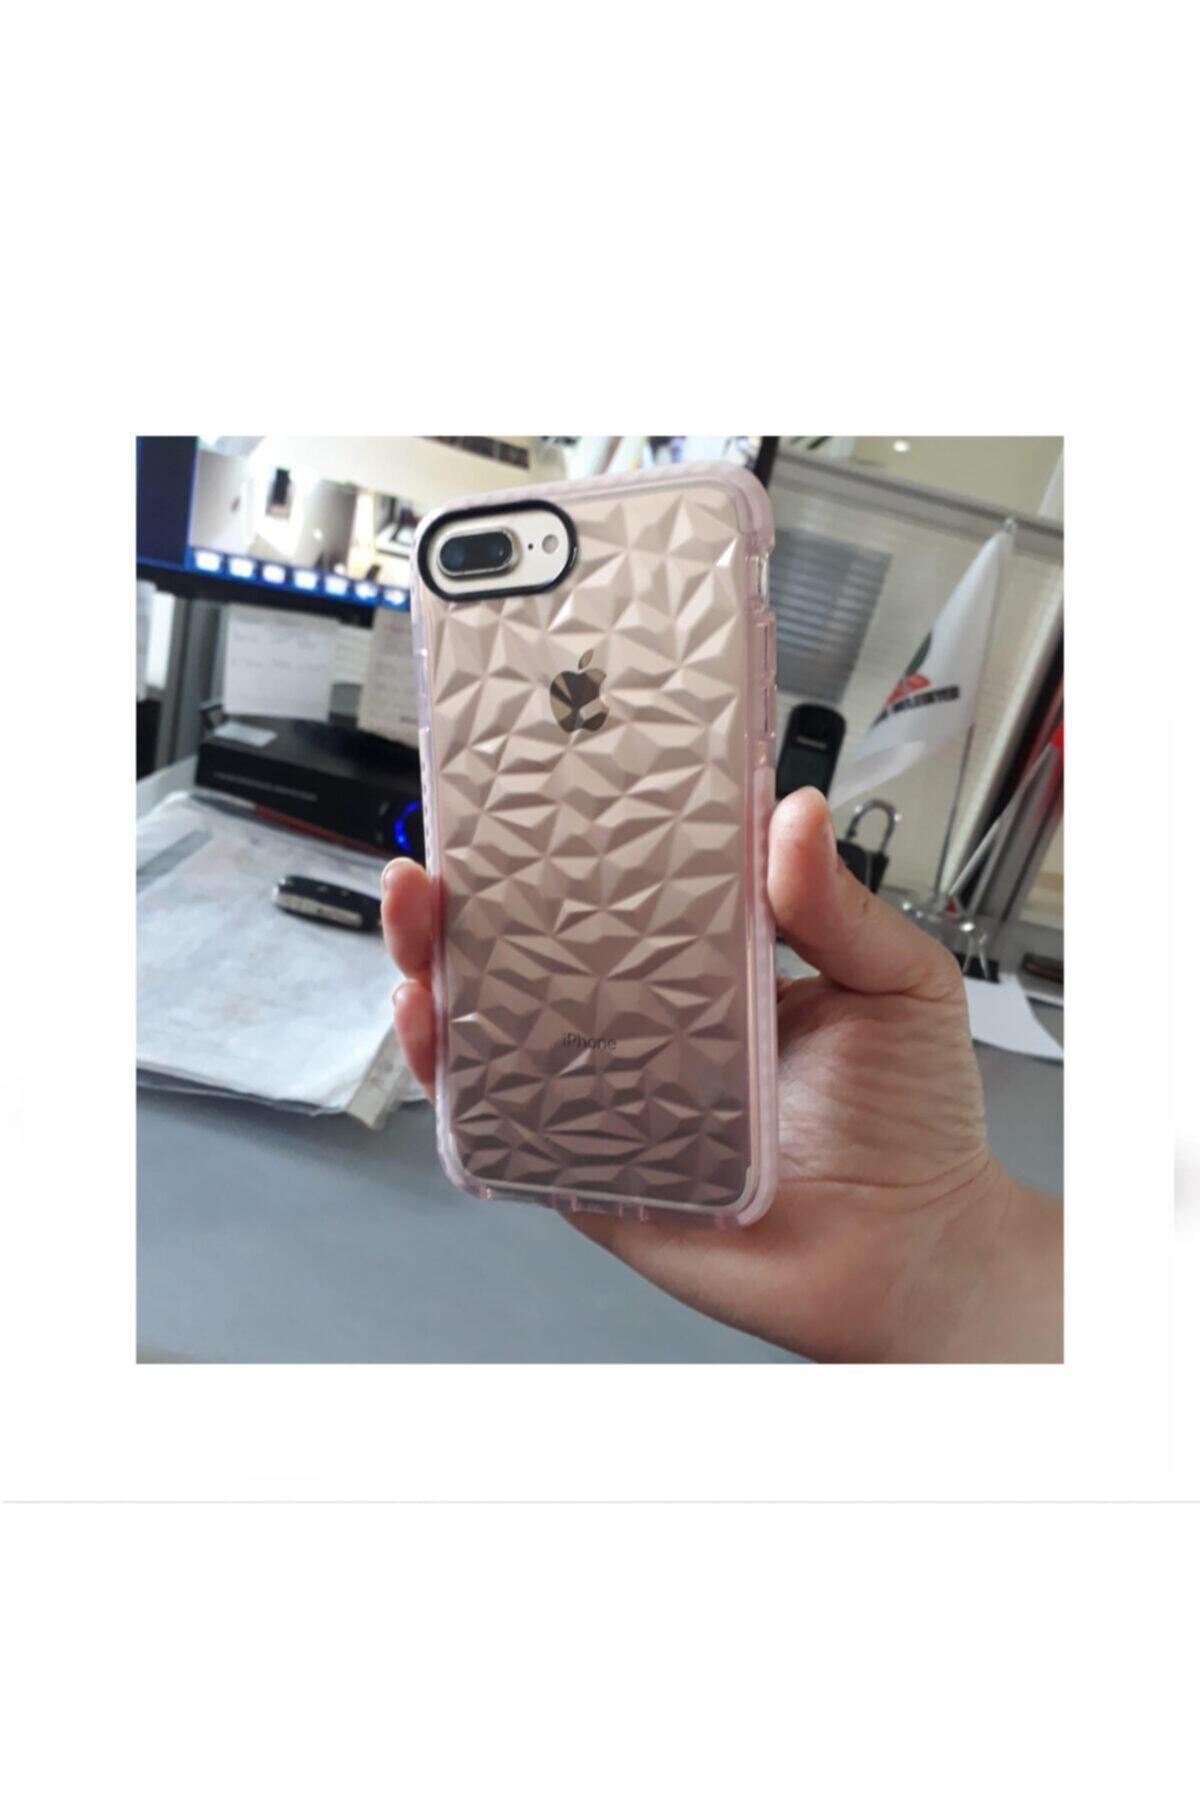 Kılıfsiparis Iphone 7 Plus / 8 Plus Uyumlu Pembe Renkli Darbe Önleyici Silikon Kılıf 2